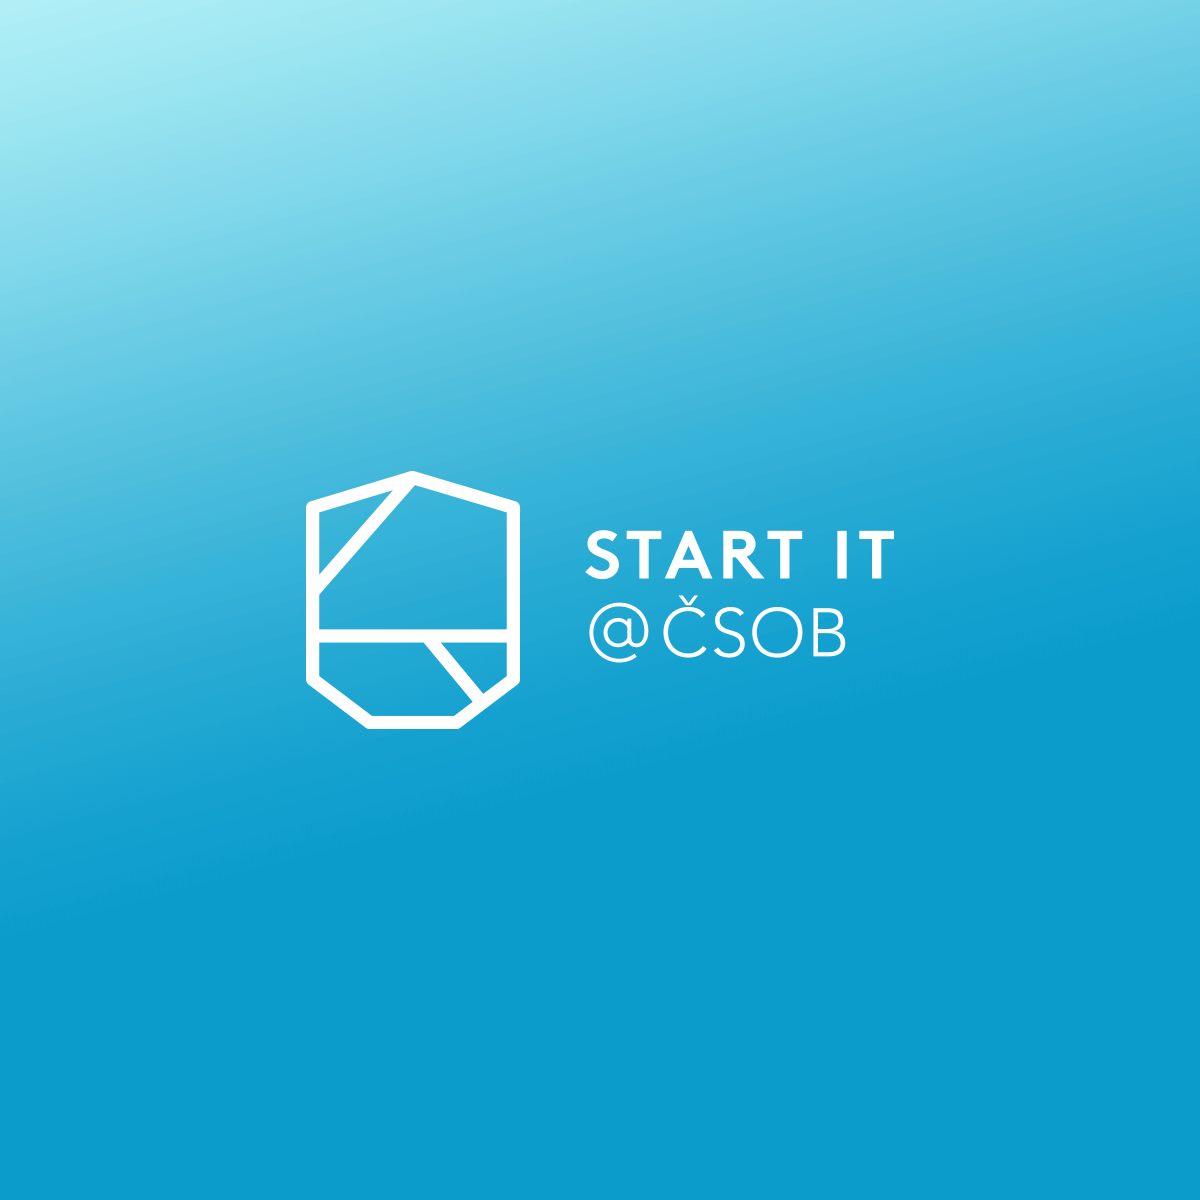 ČSOB - Start IT